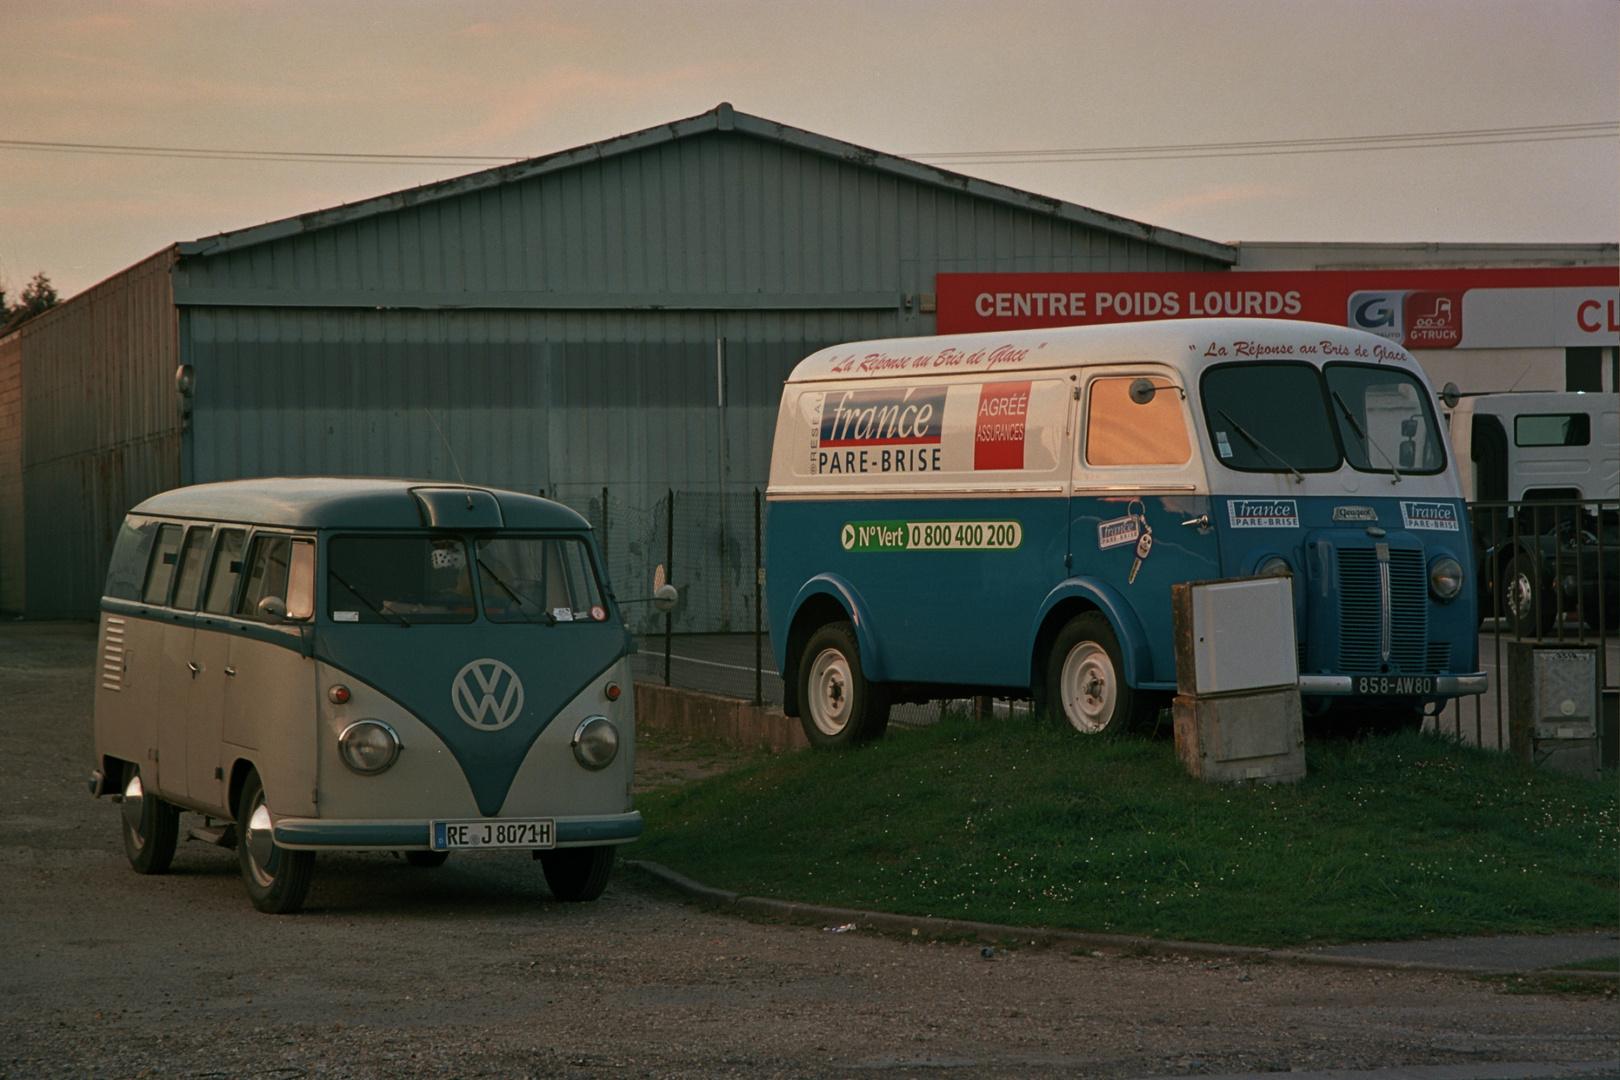 Zwei Lieferwagen in Frankreich